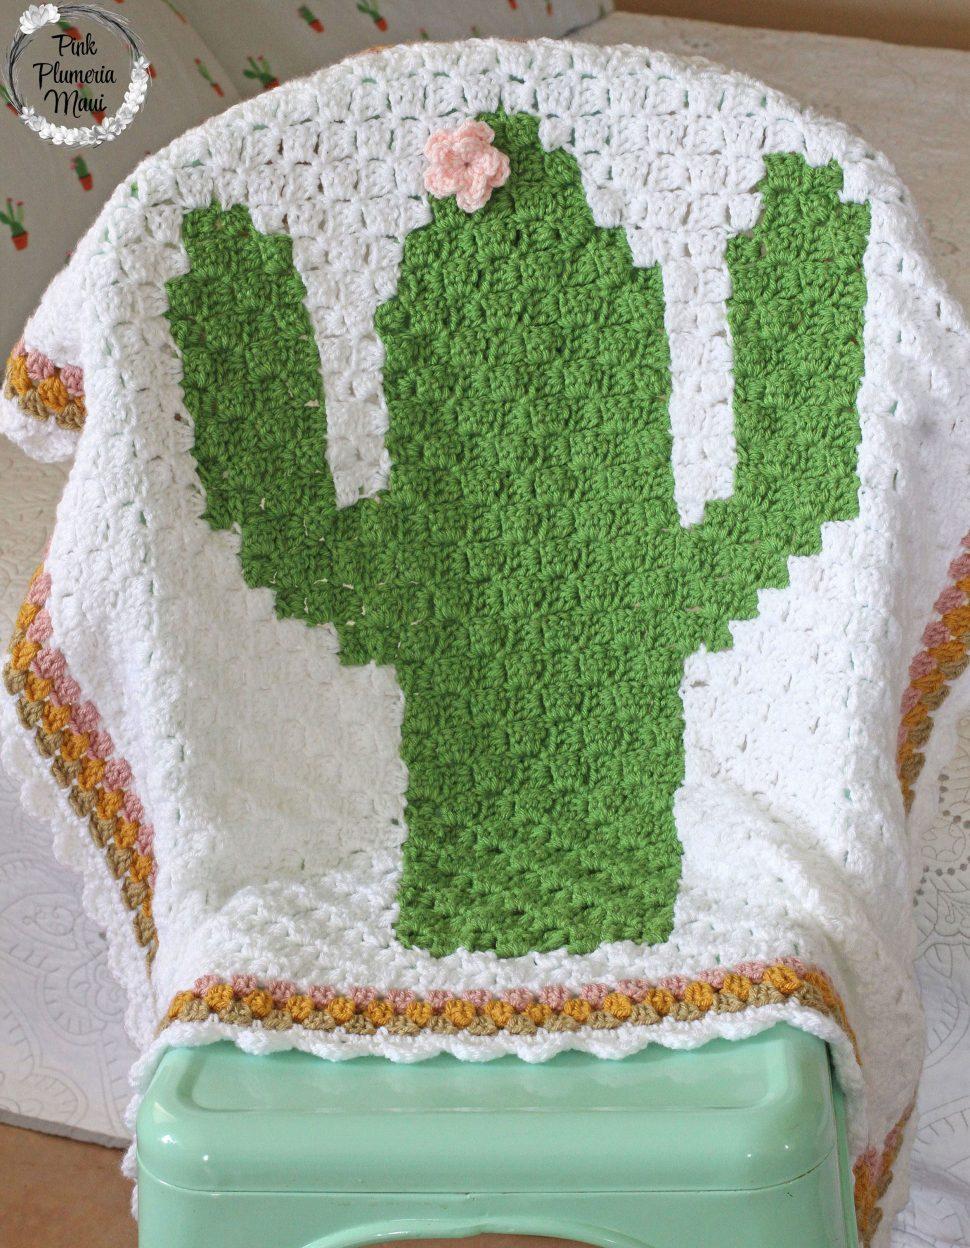 Crochet C2C Cactus Baby Blanket Display